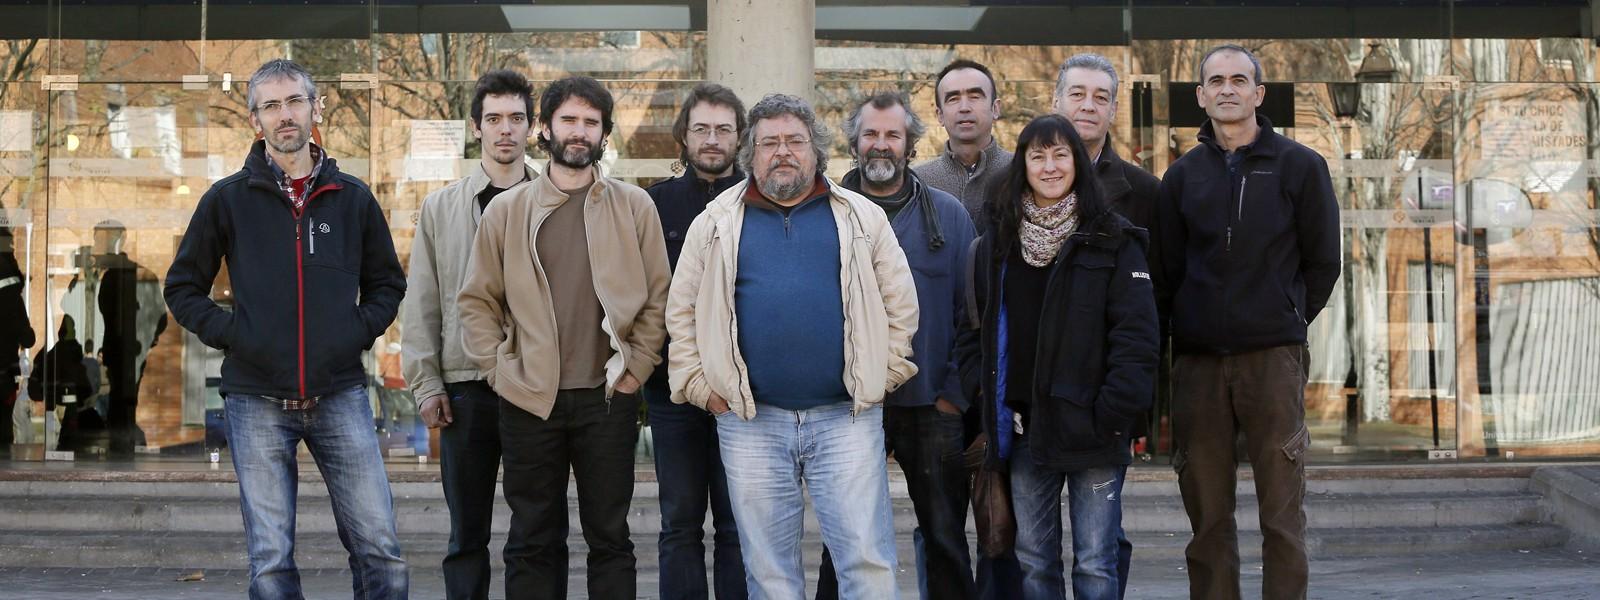 FBBVA-Ayudas-Equipos-2014-Javier-Vinuela